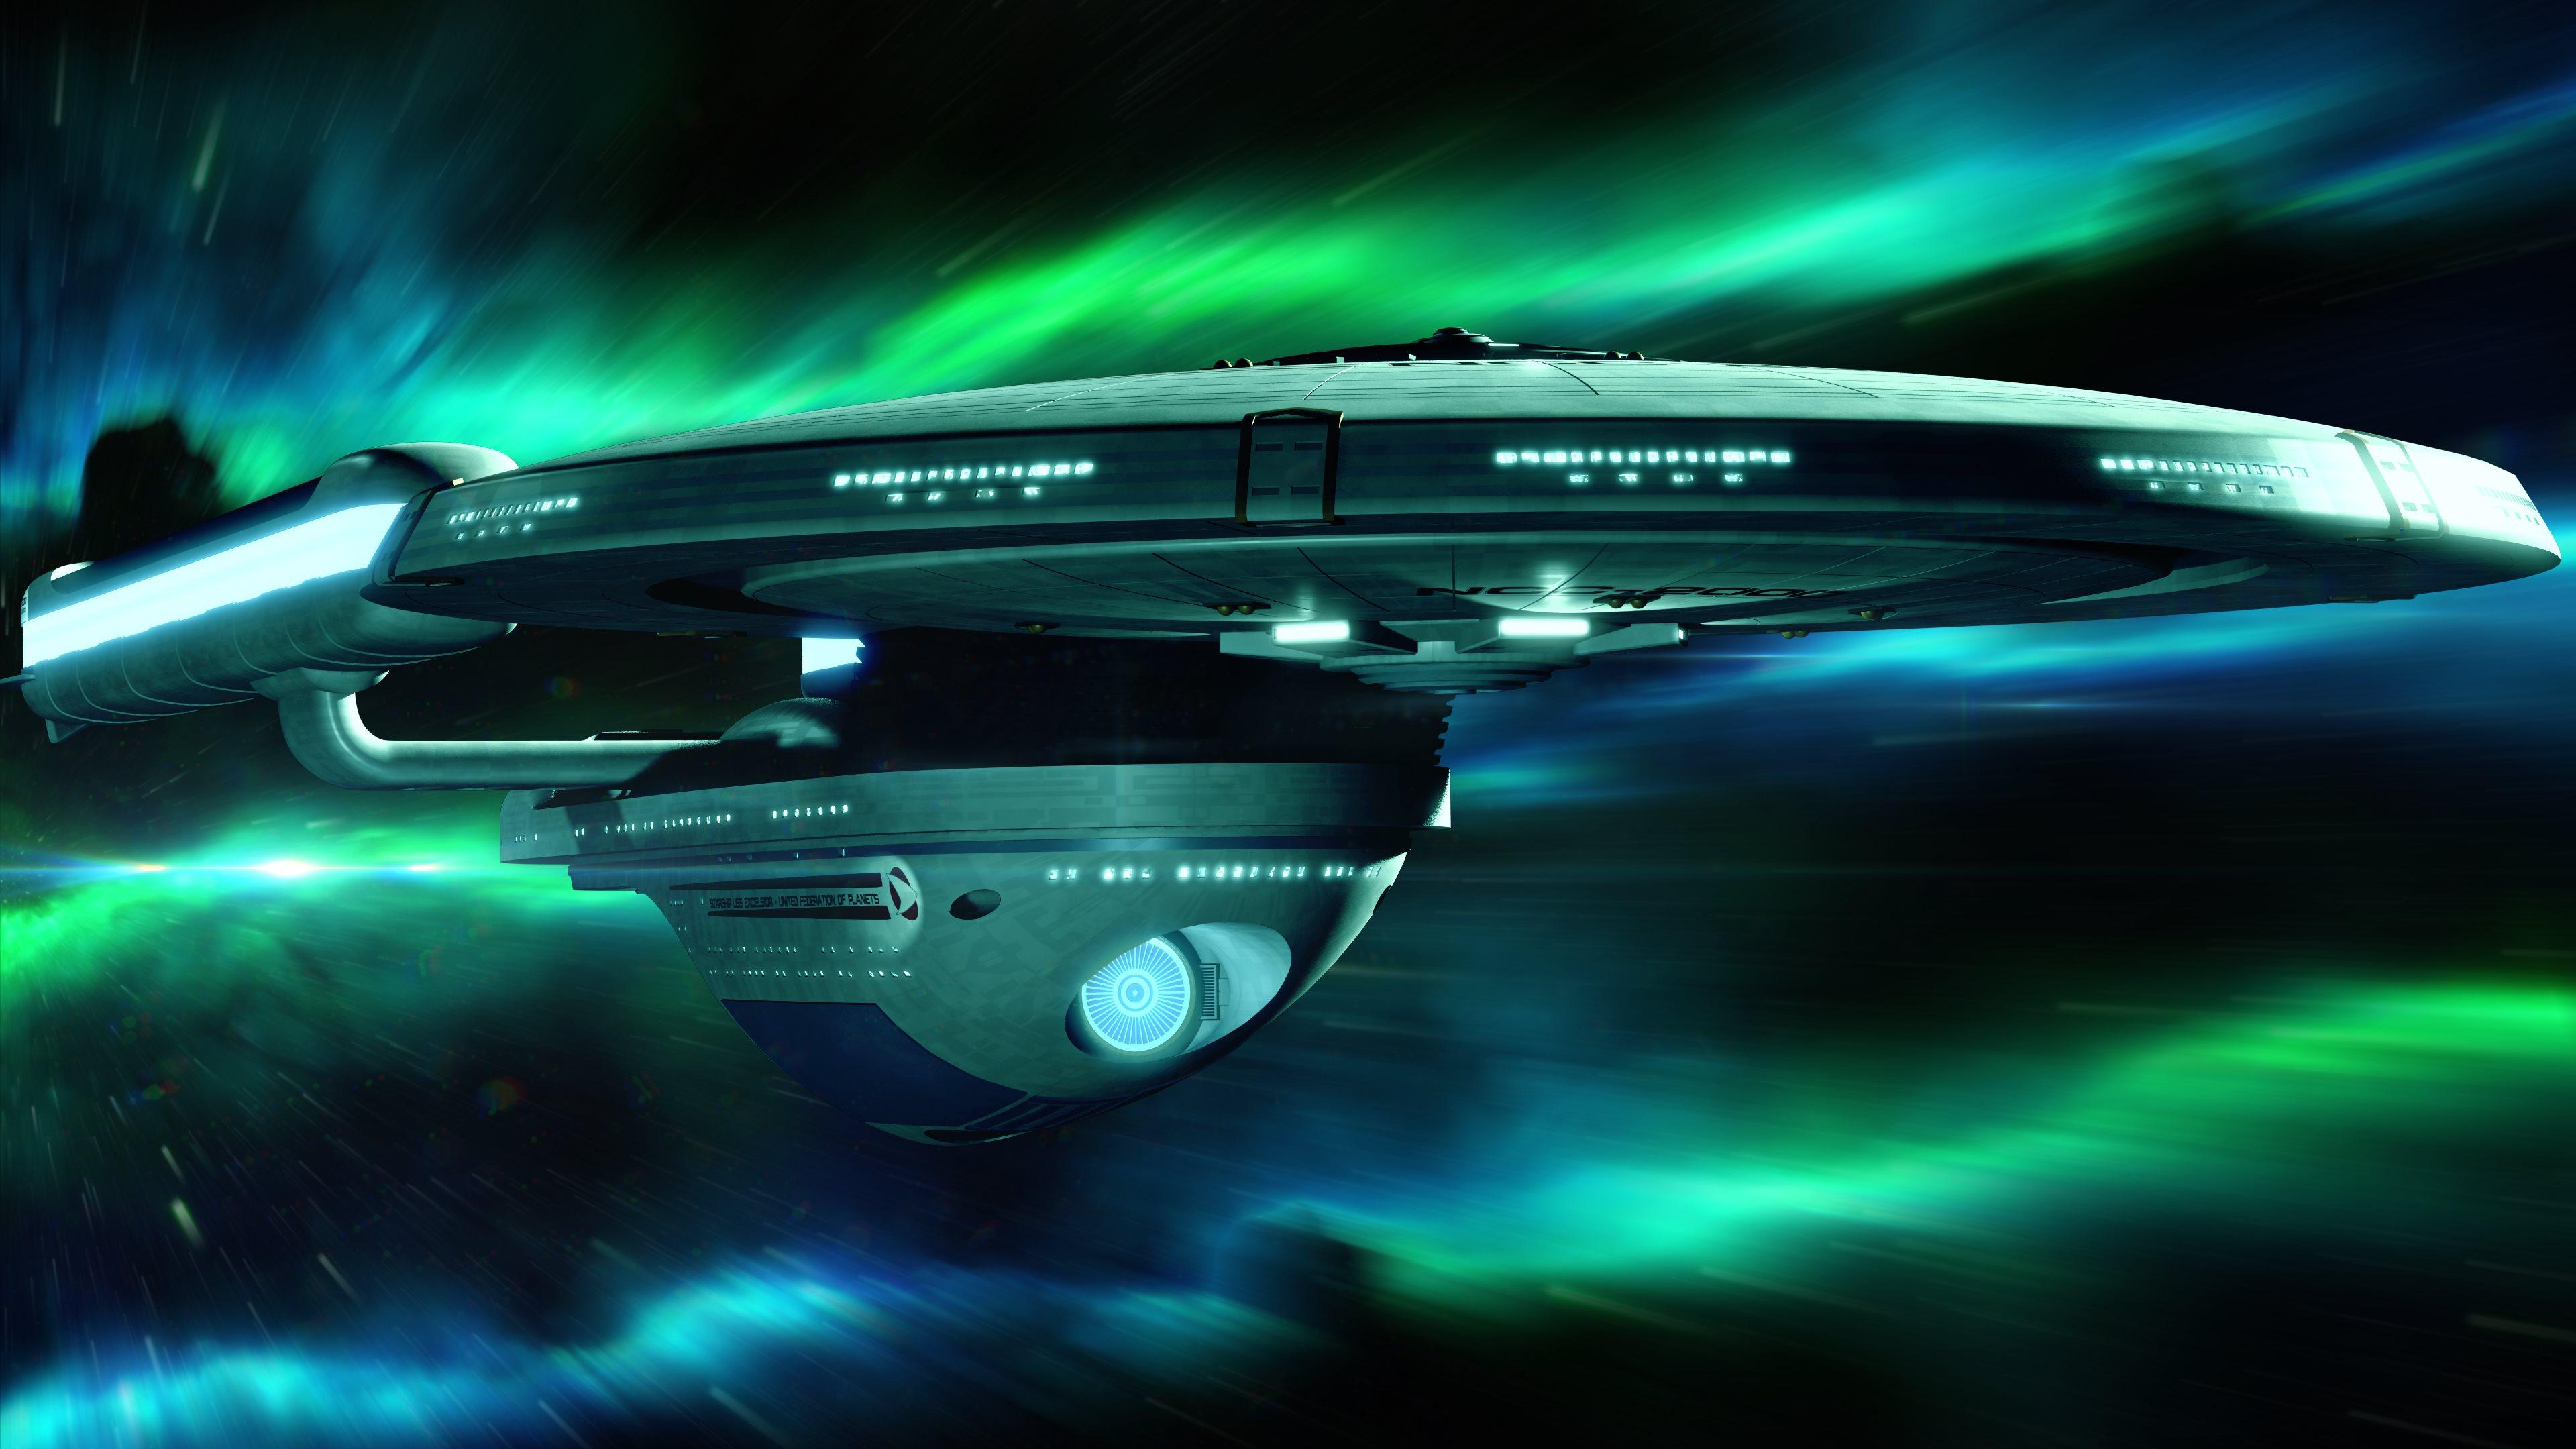 Star Trek Wallpaper 1080p Wallpapersafari